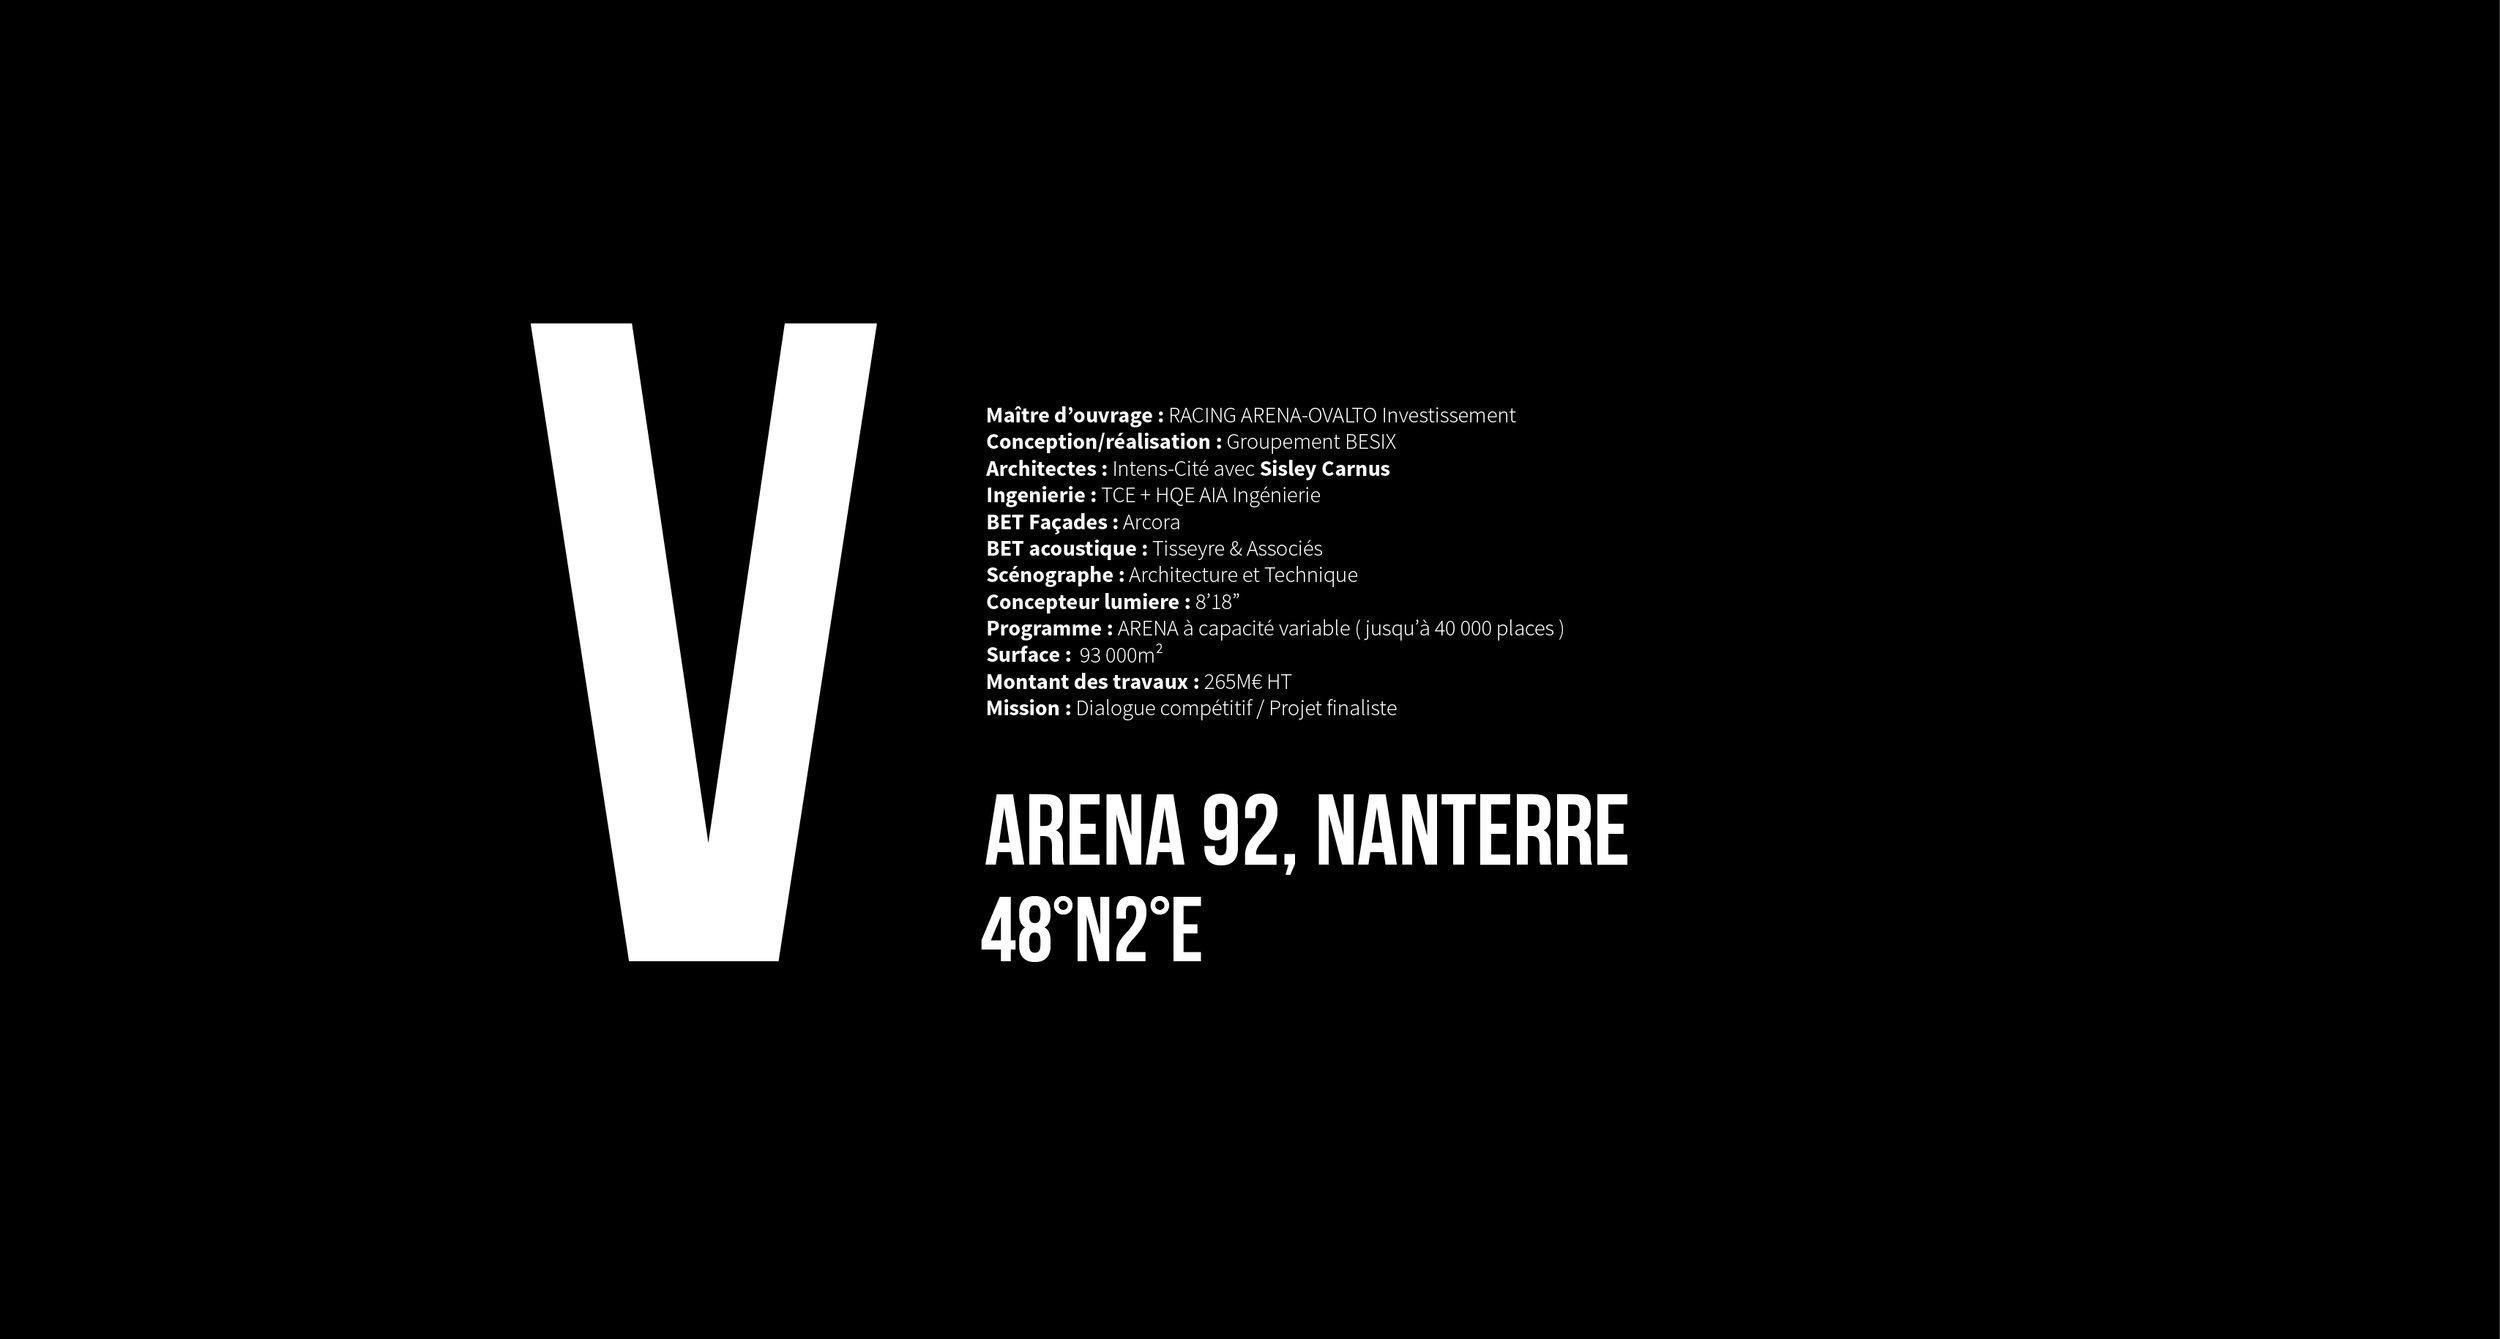 arena92_l-01-01_black-01-01-01.jpg